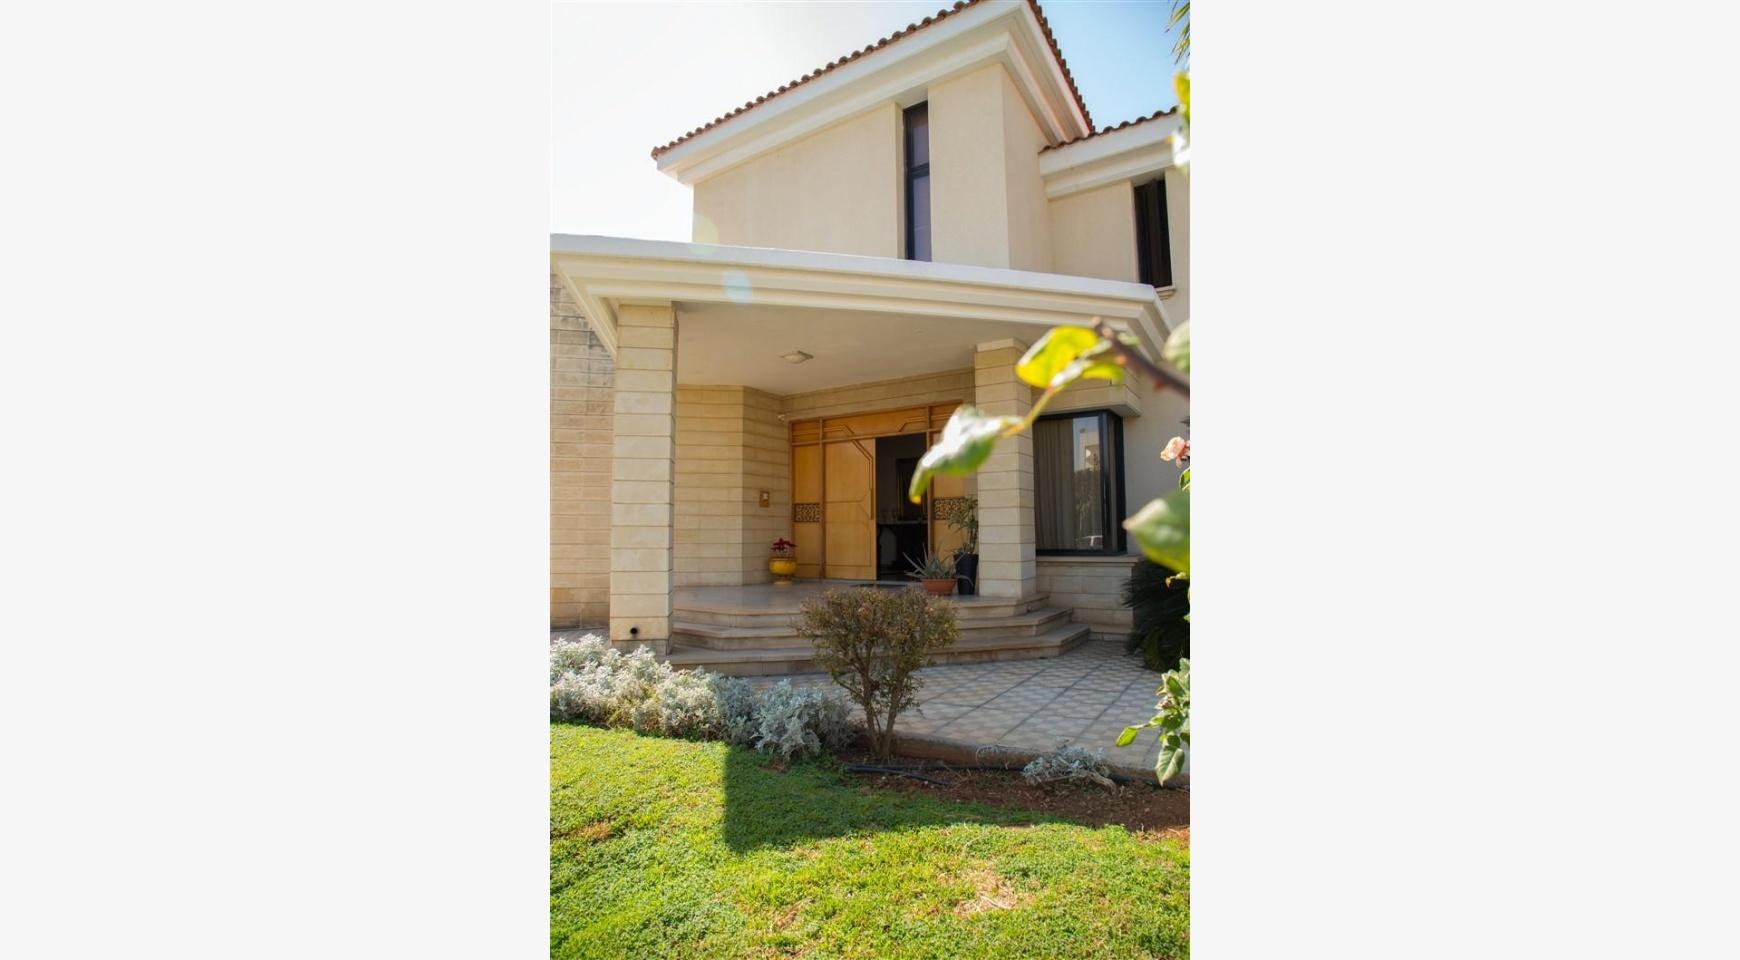 4 Bedroom Villa in Germasogeia Area - 7